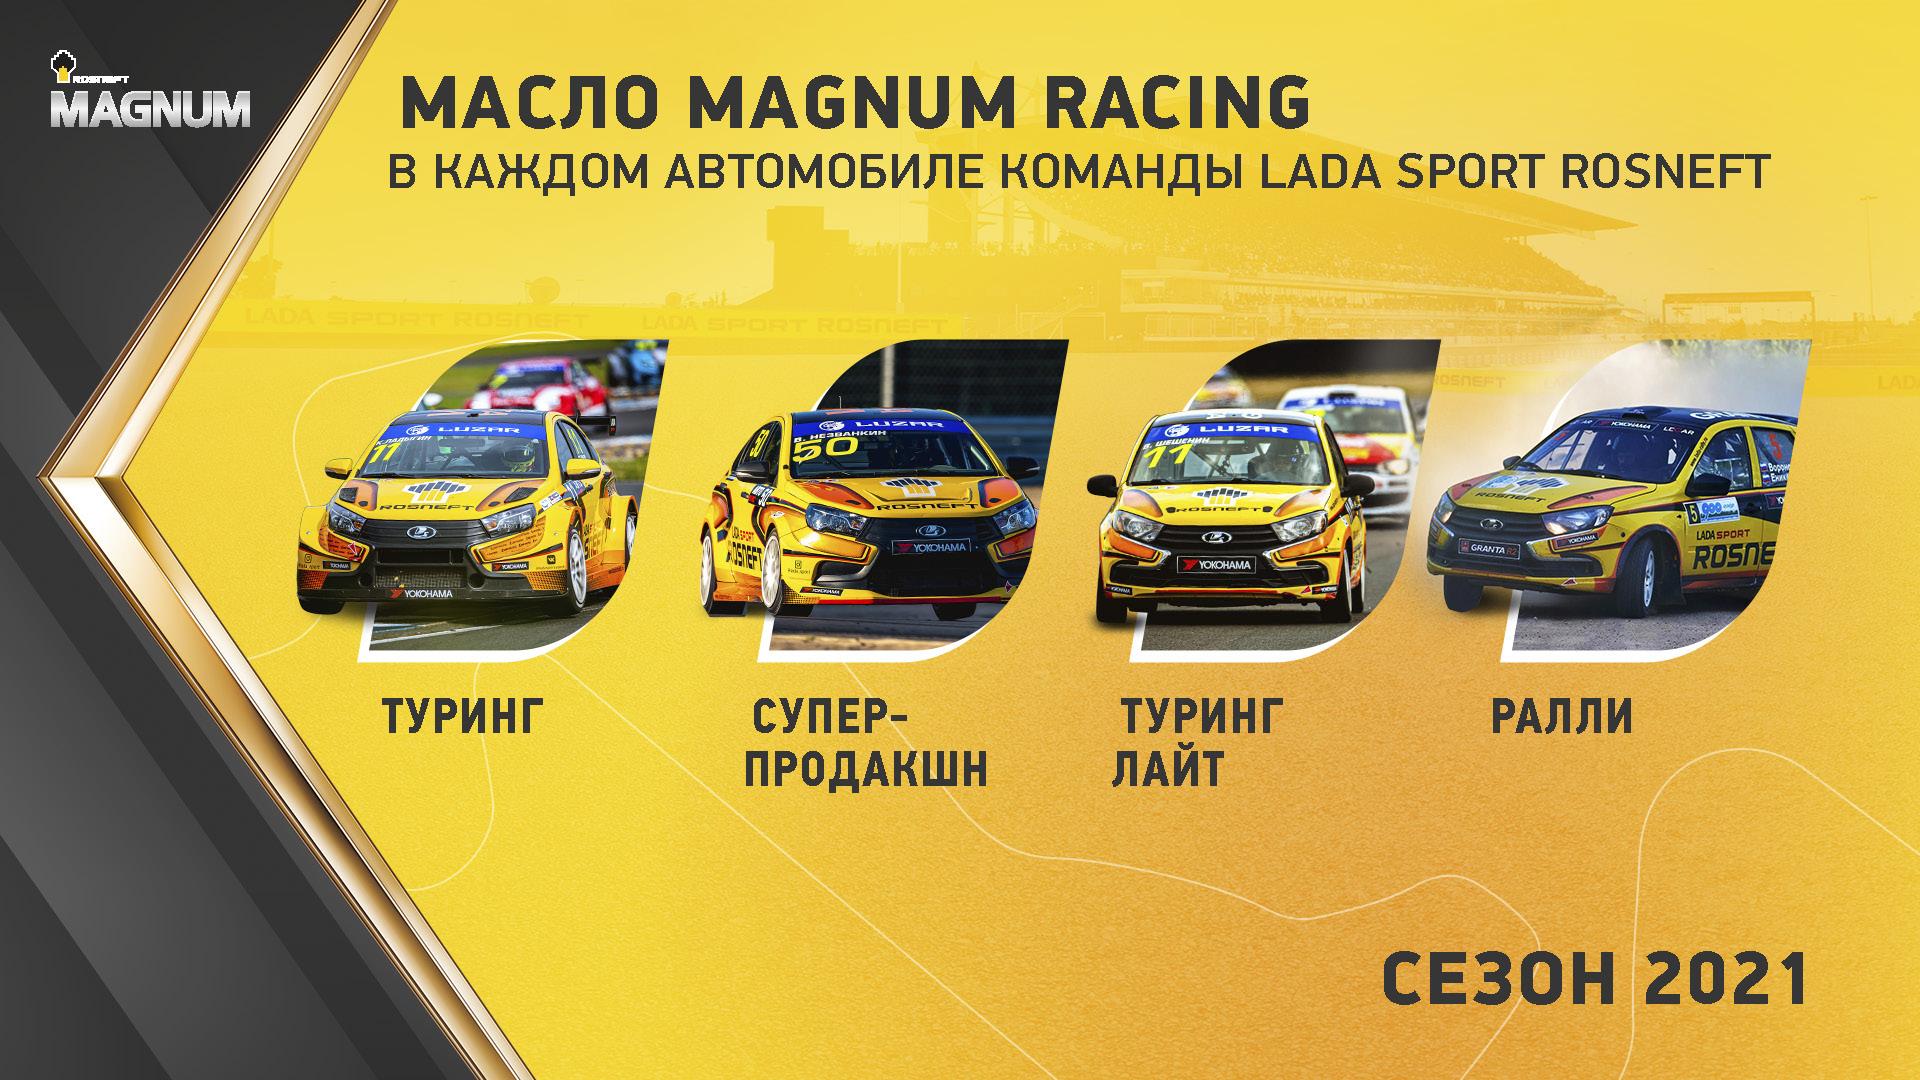 К новым победам вместе с новым моторным маслом Rosneft Magnum Racing